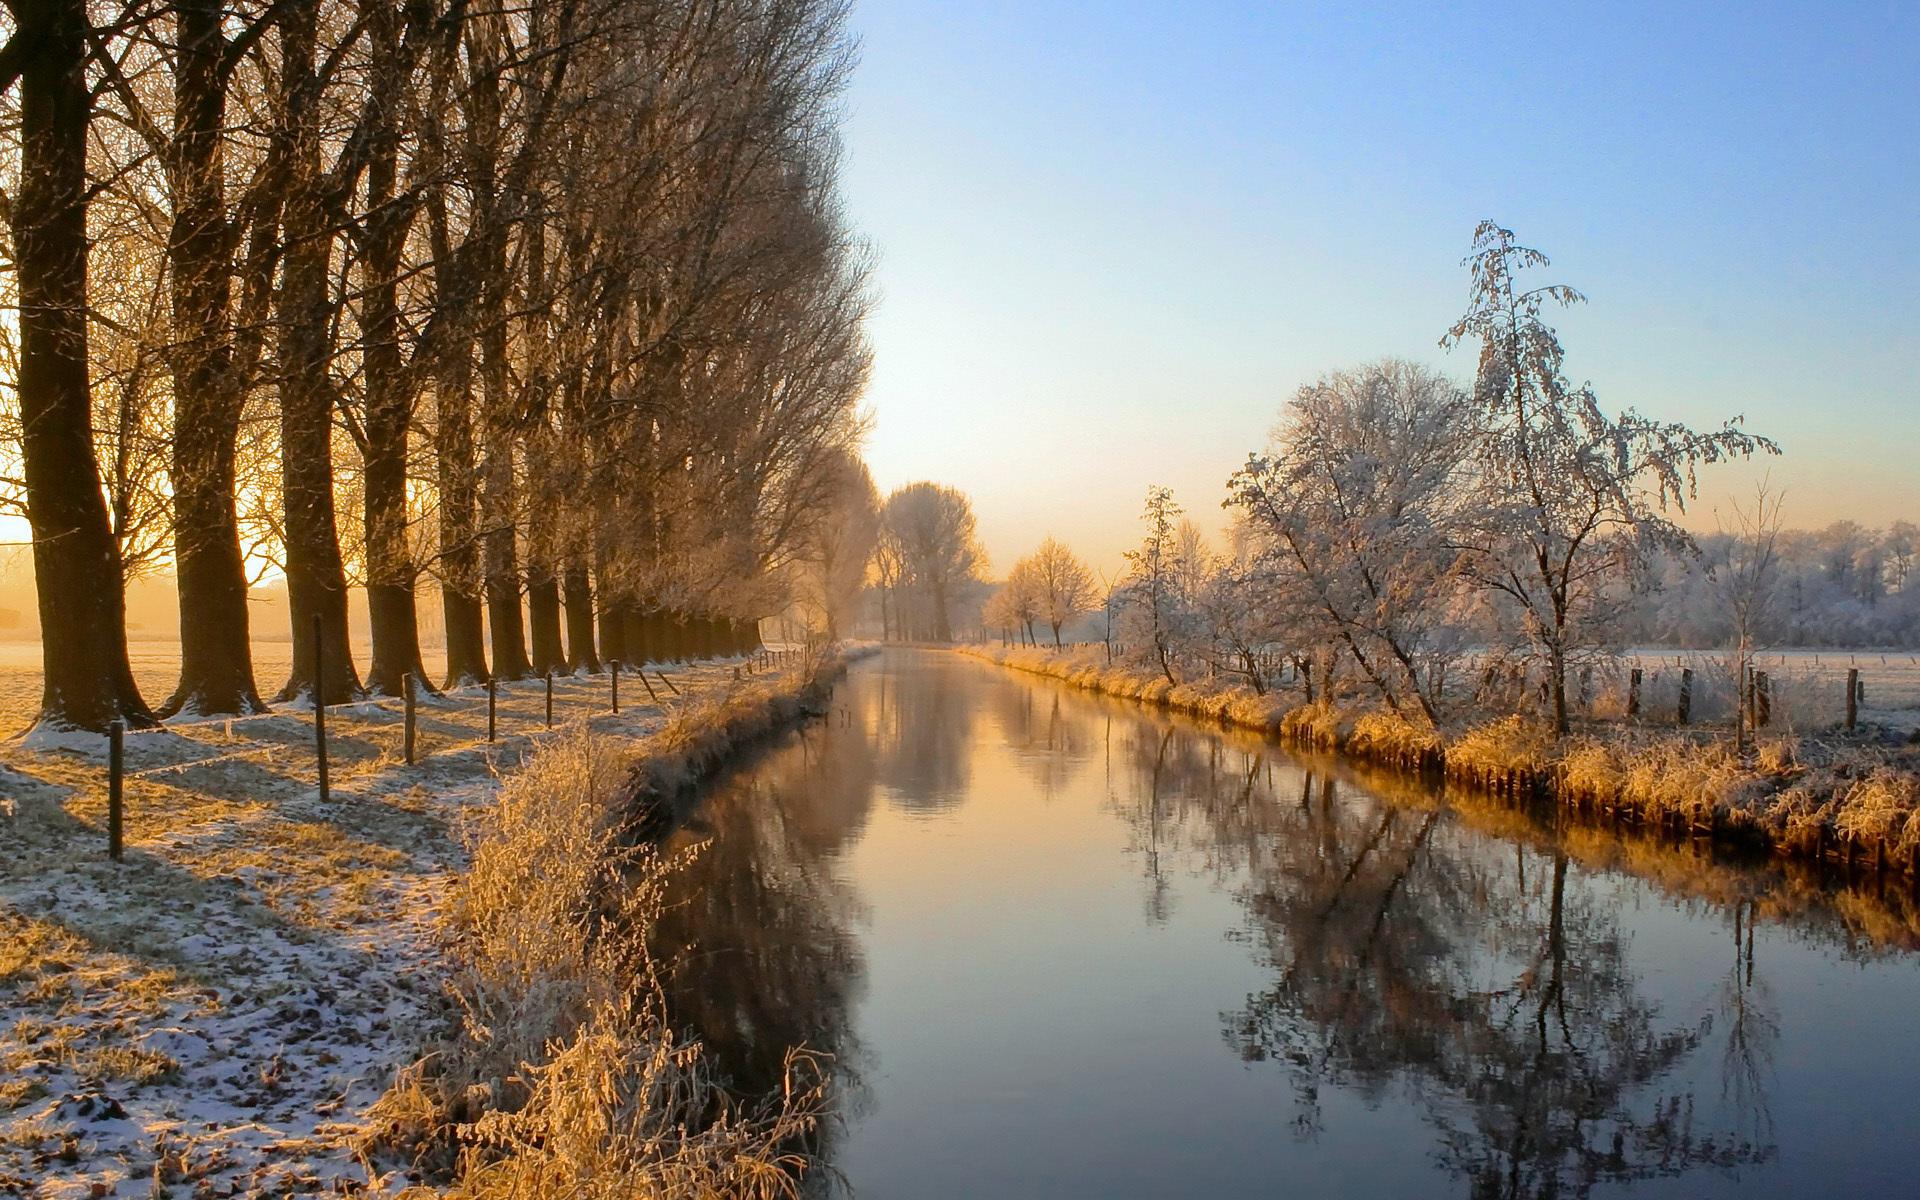 Скачать картинку Река, Деревья, Снег, Пейзаж в телефон бесплатно.